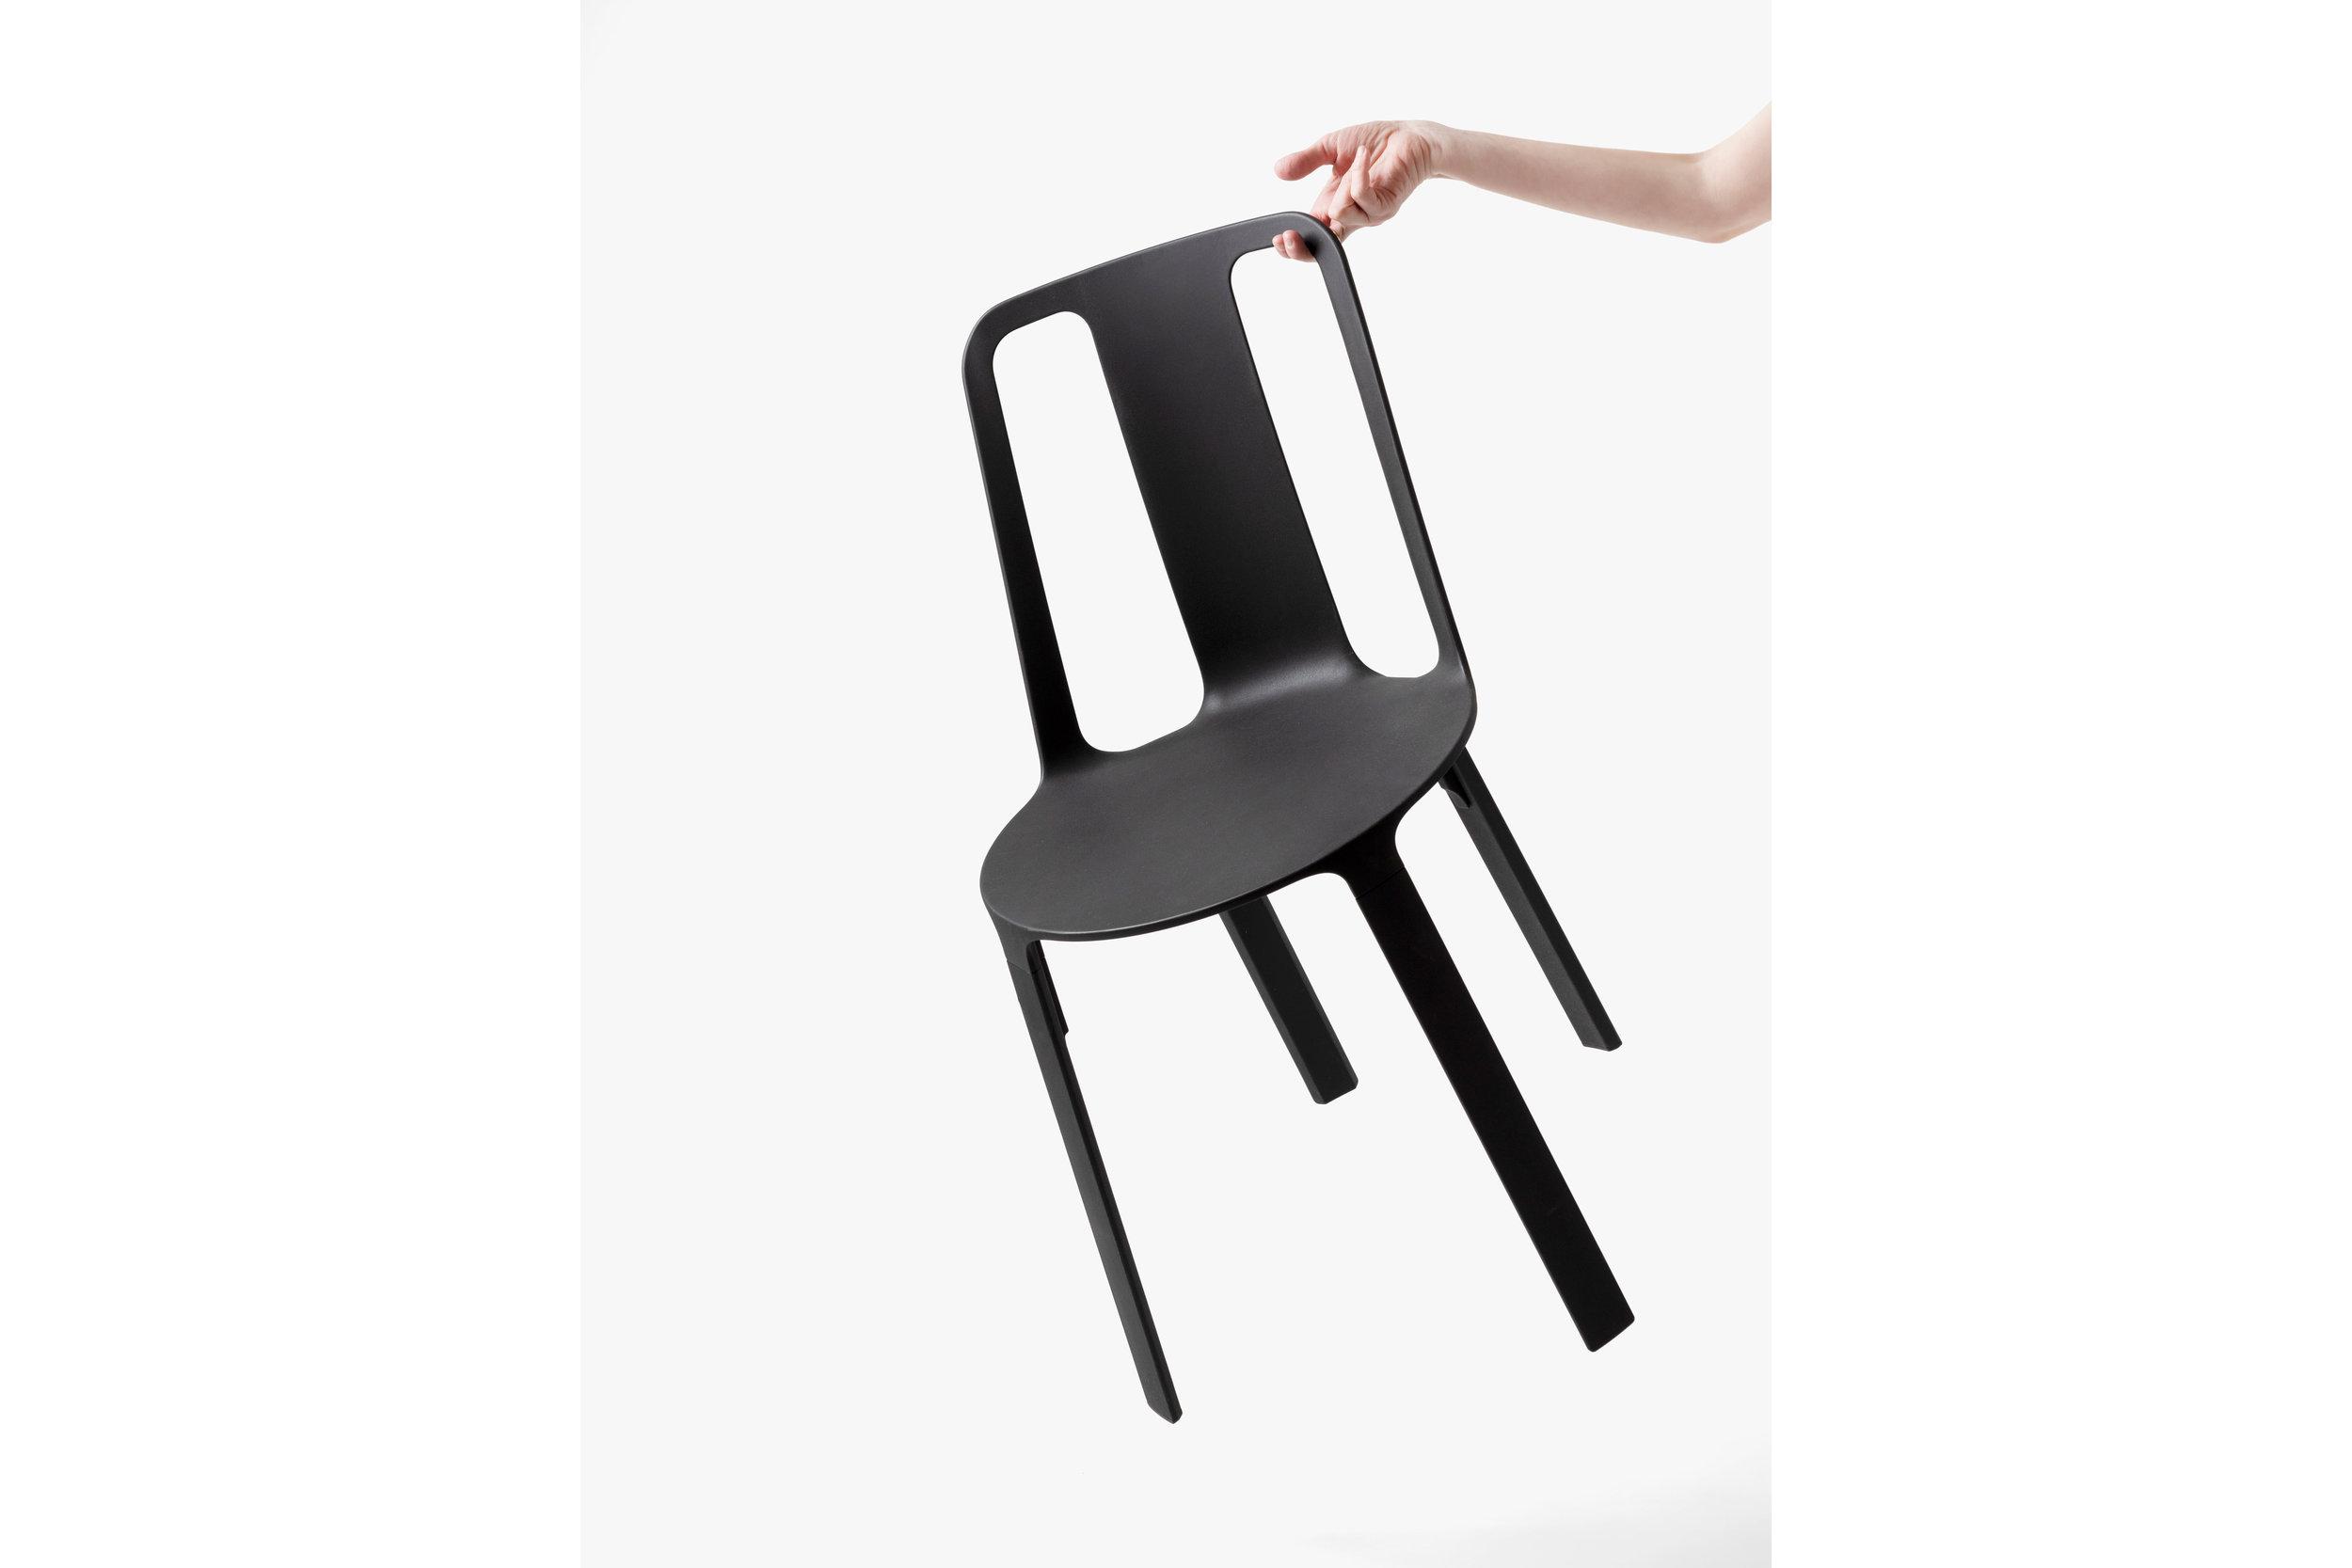 Vela-chair_dezeen_2364_col_1.jpg